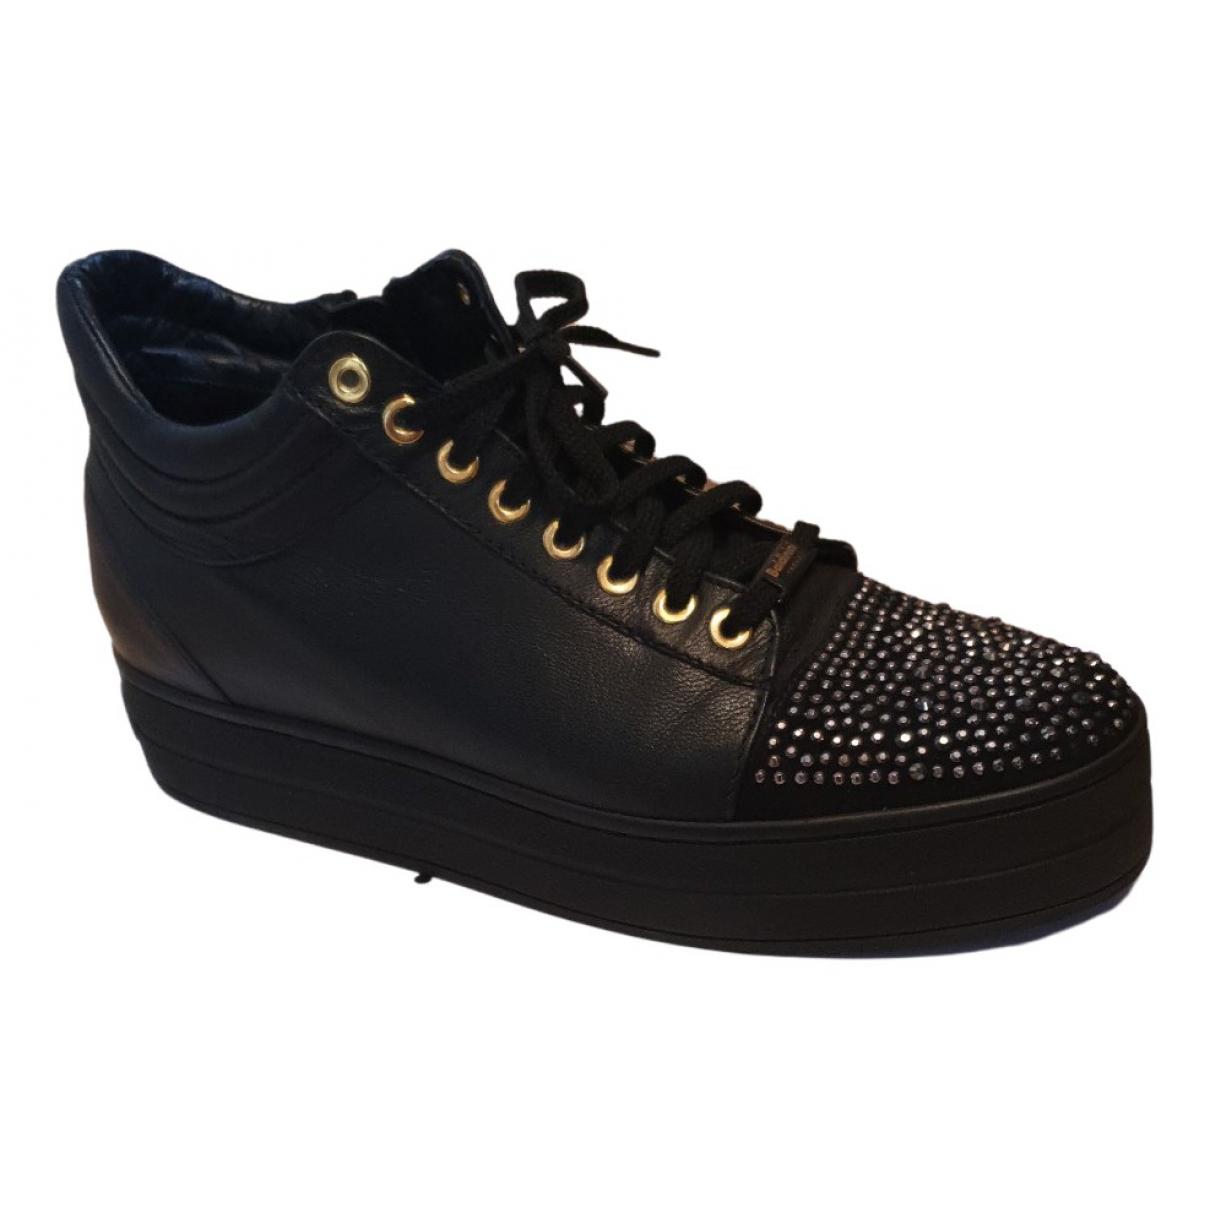 Baldinini N Black Leather Trainers for Women 40 EU